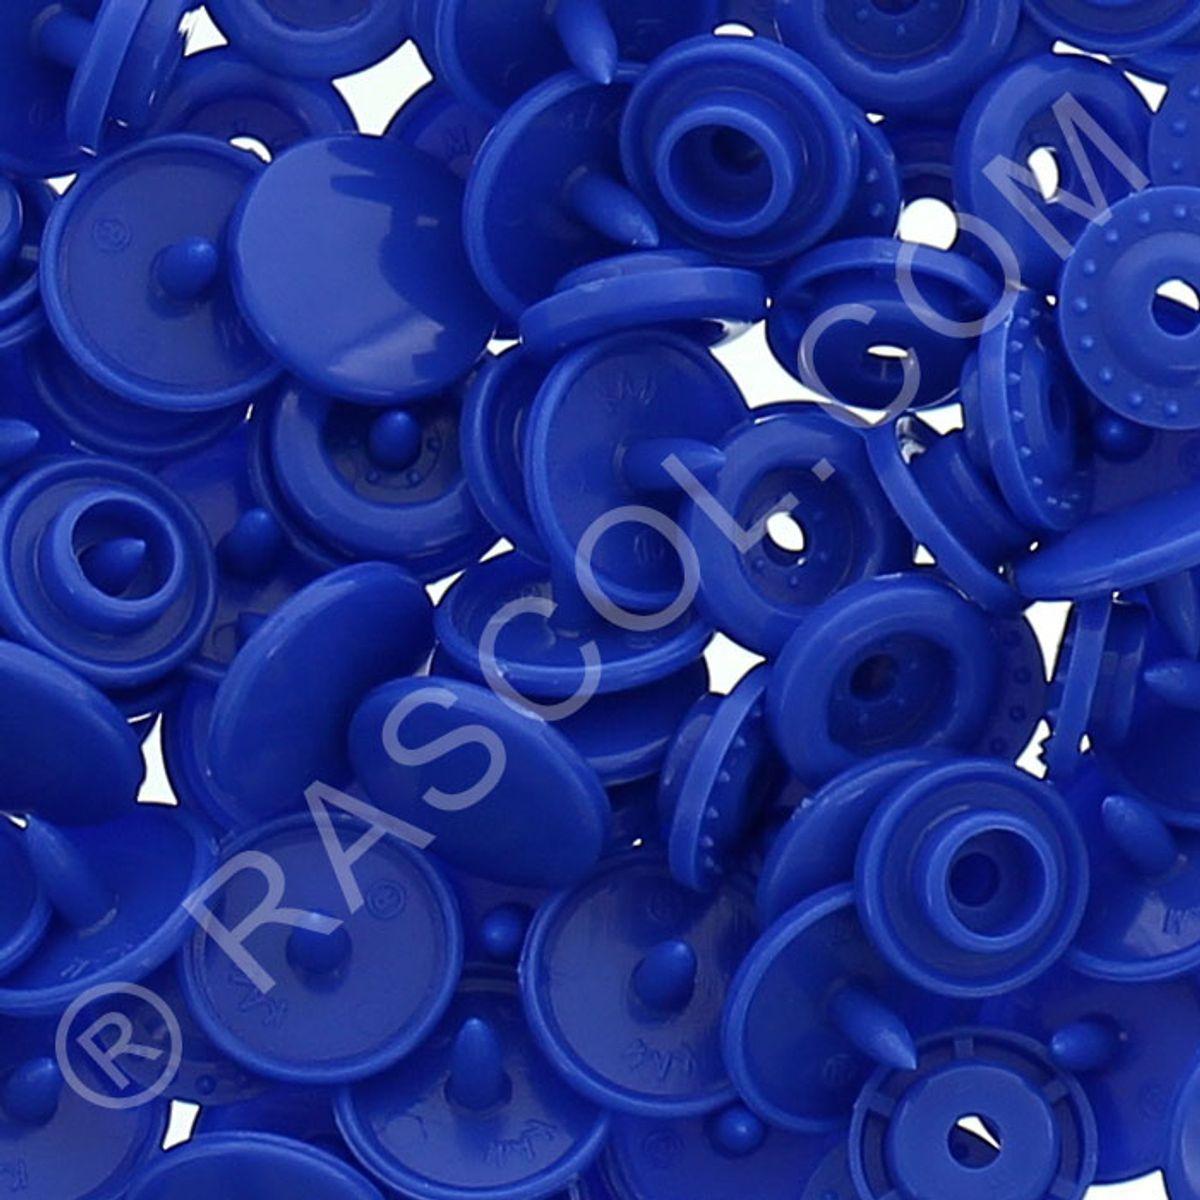 Sachet de 25 pressions résine KAM ronds - Bleu royal